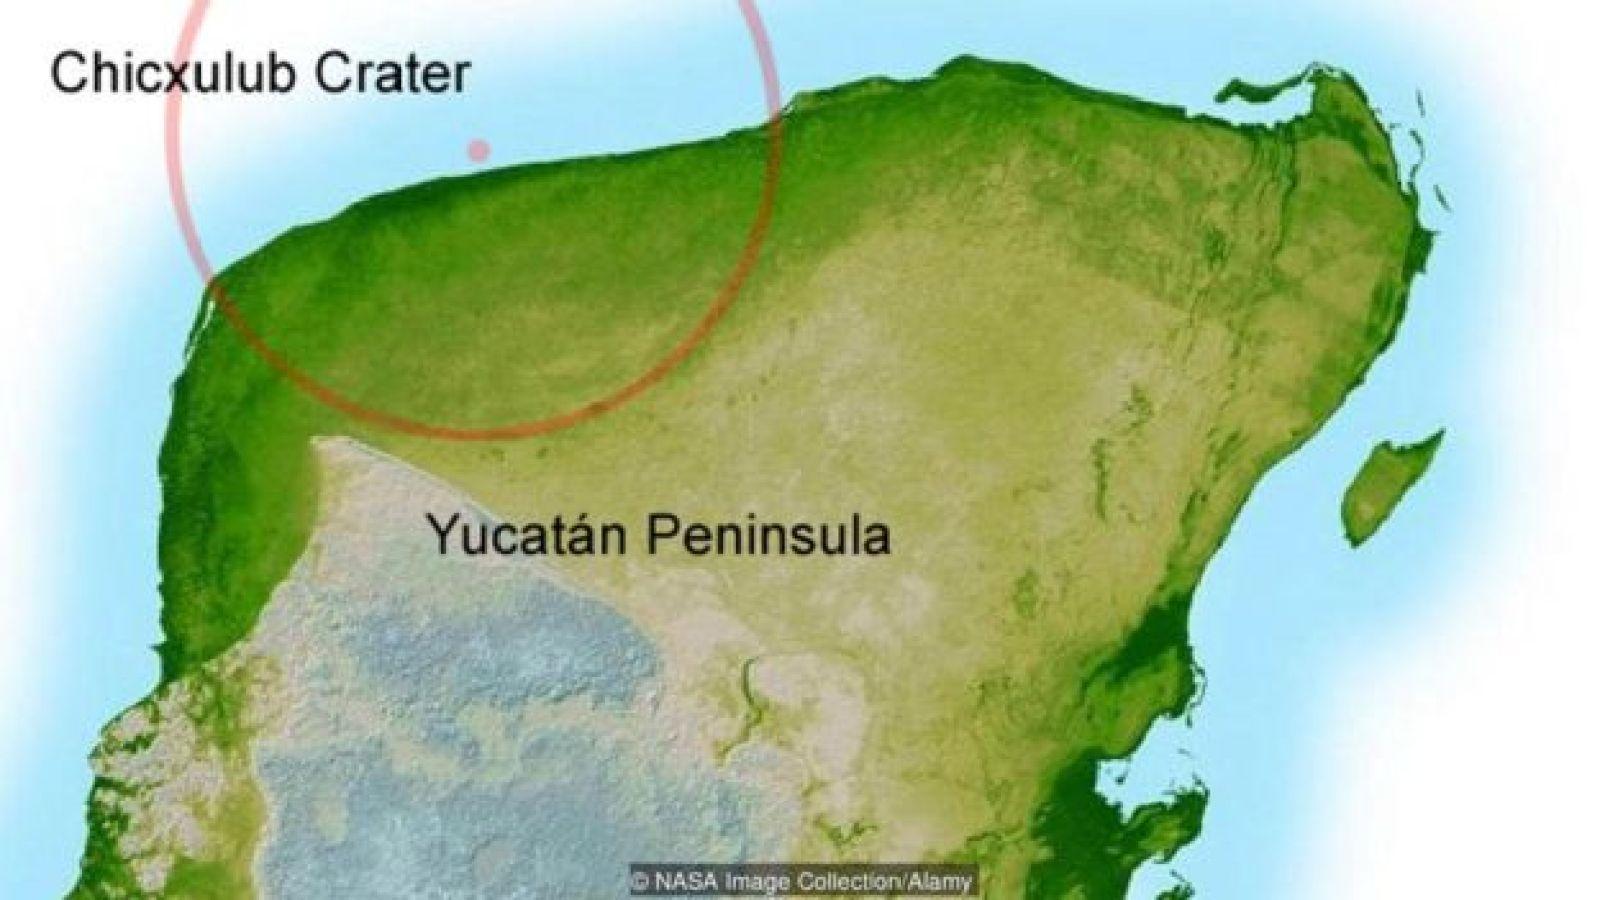 Imagen de la península de Yucatán.